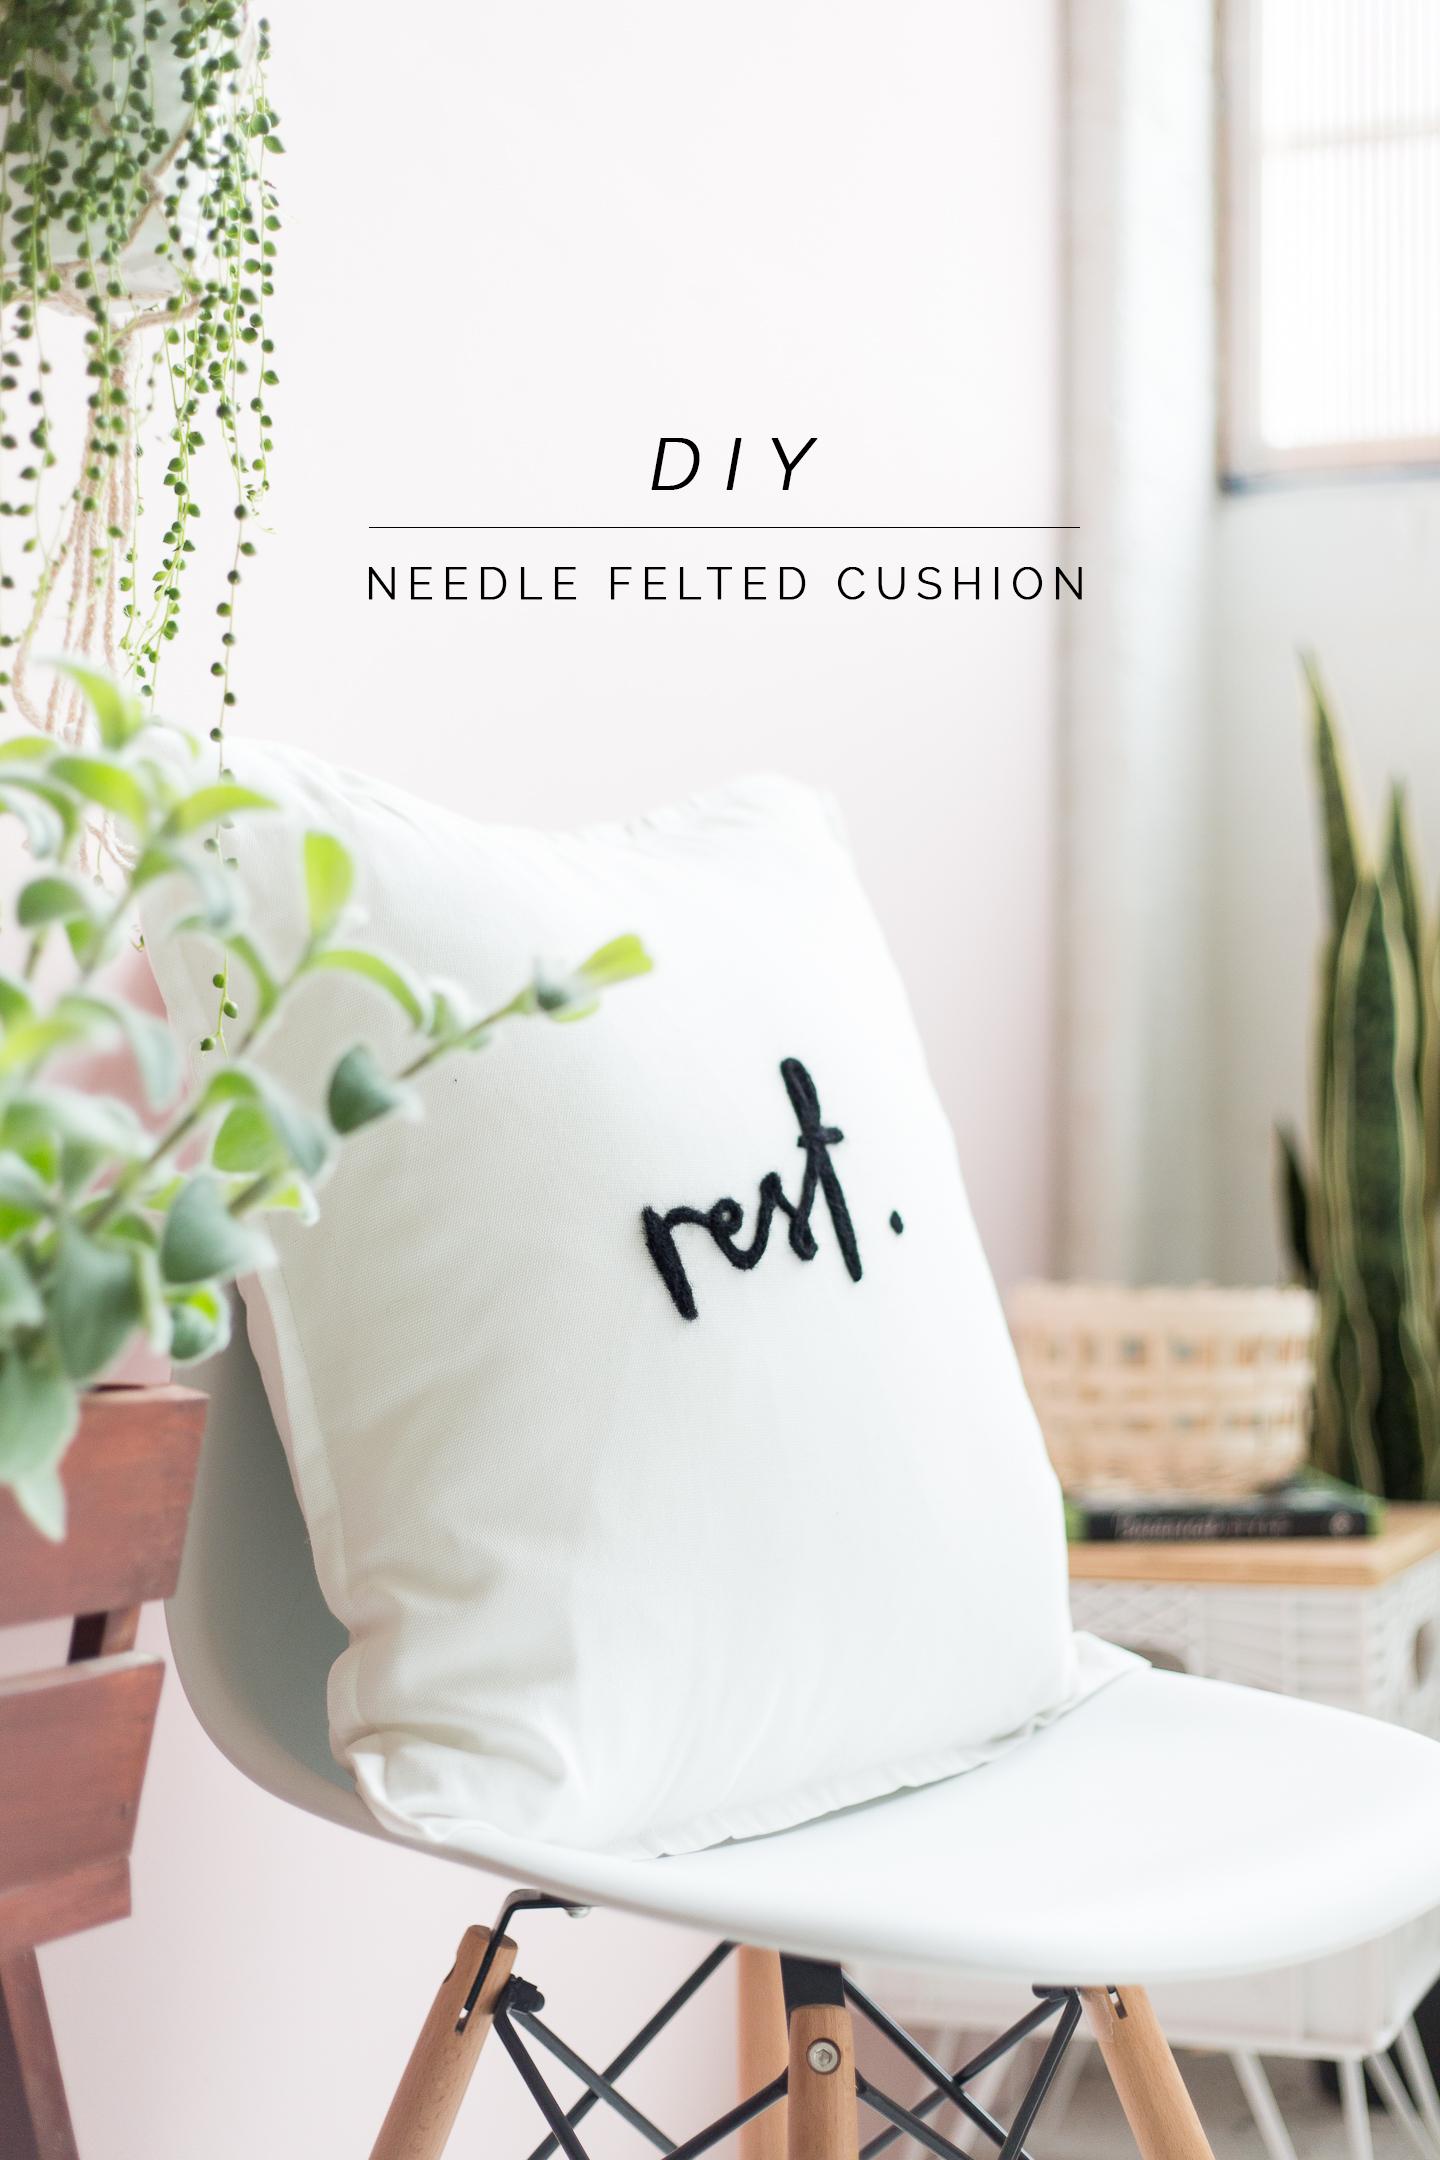 diy-needle-felted-lettering-cushion-tutorial-_-fallfordiy